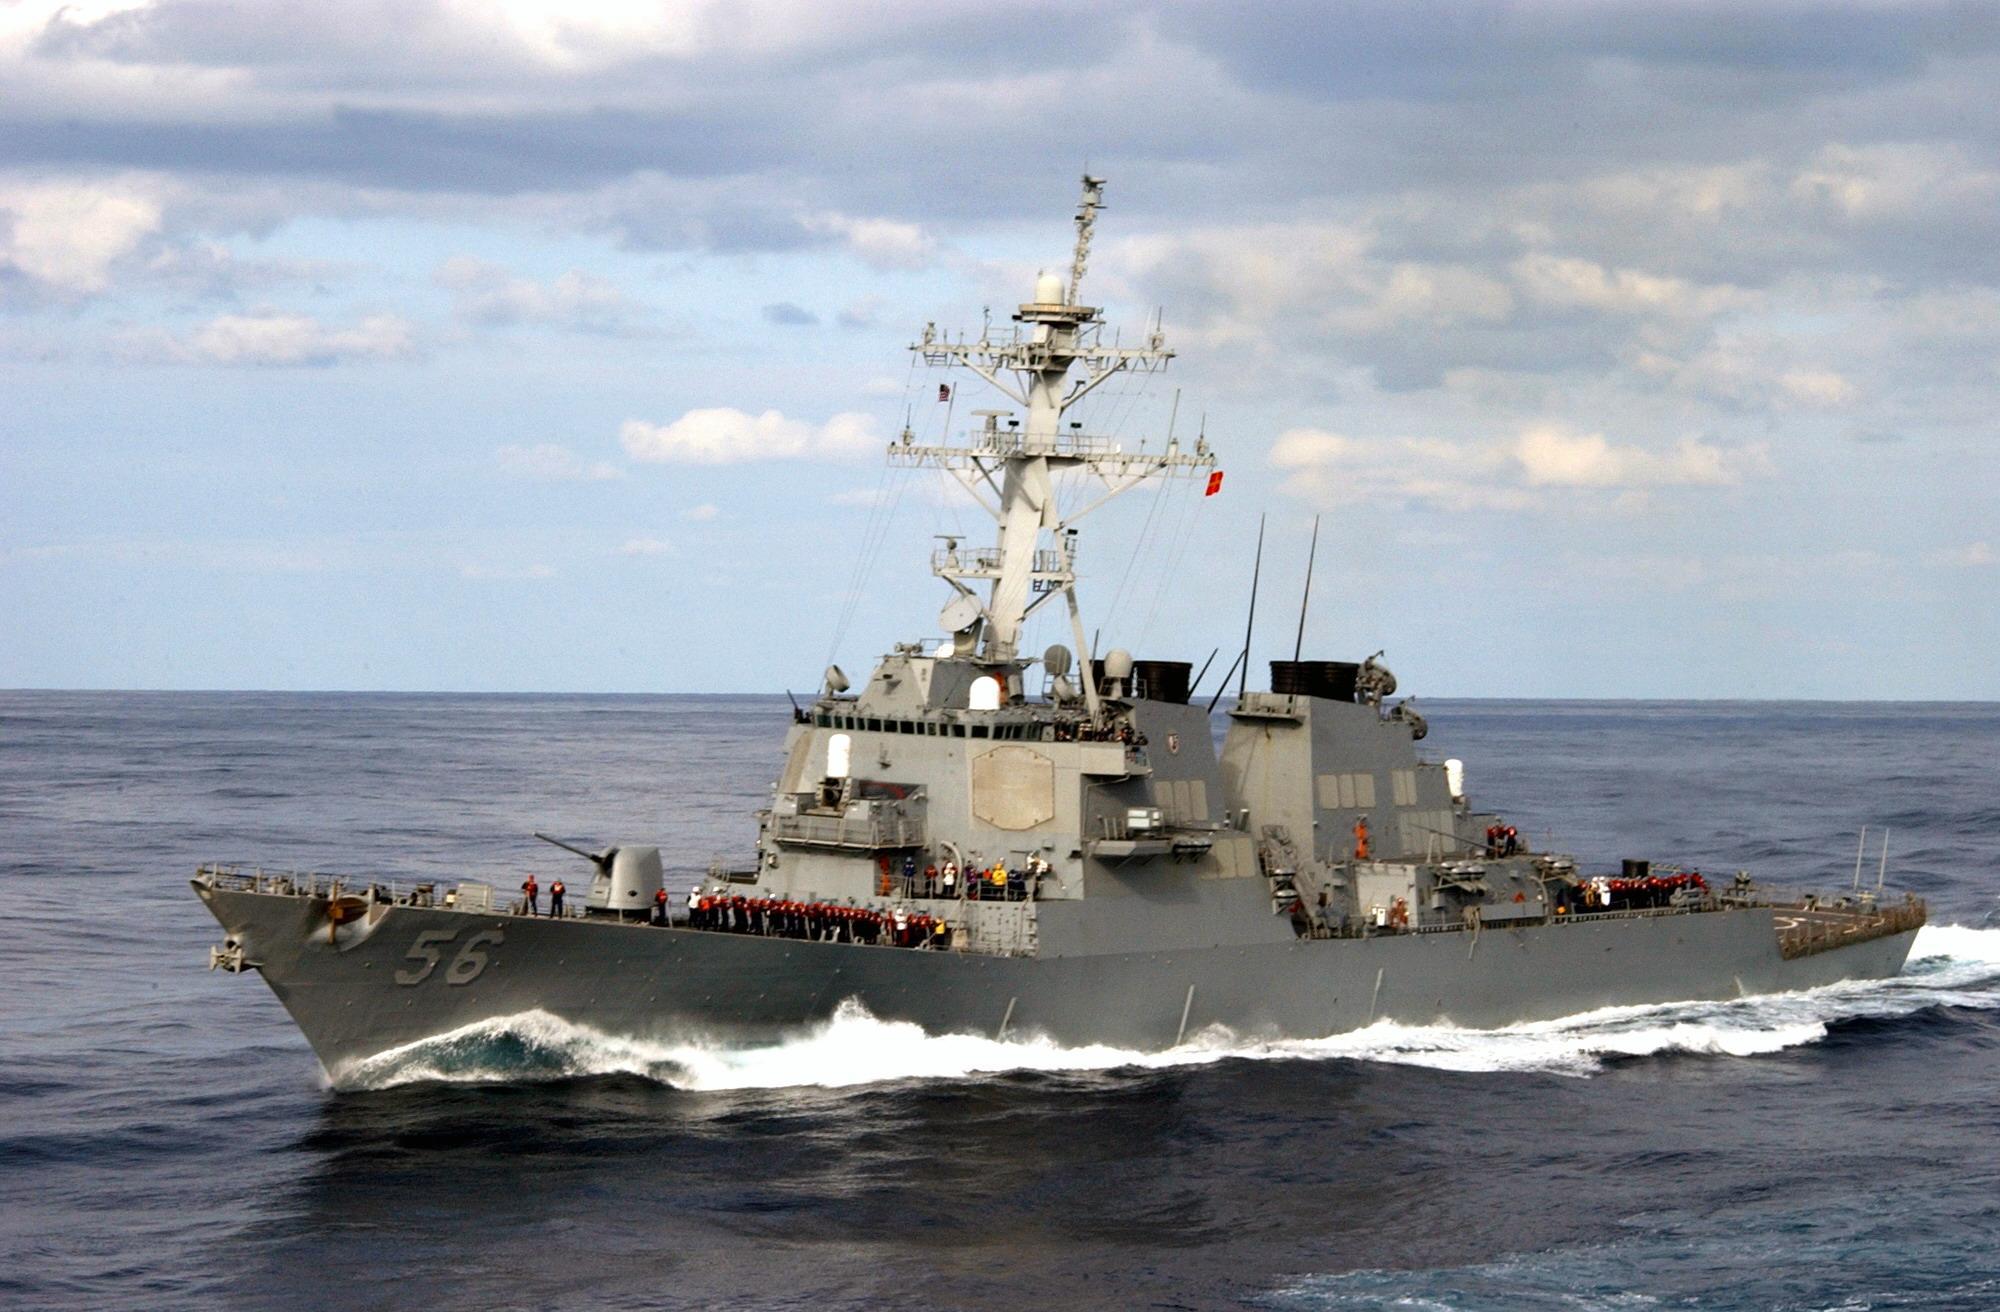 美驱逐舰擅闯南沙美济礁 中国派出军舰警告驱离